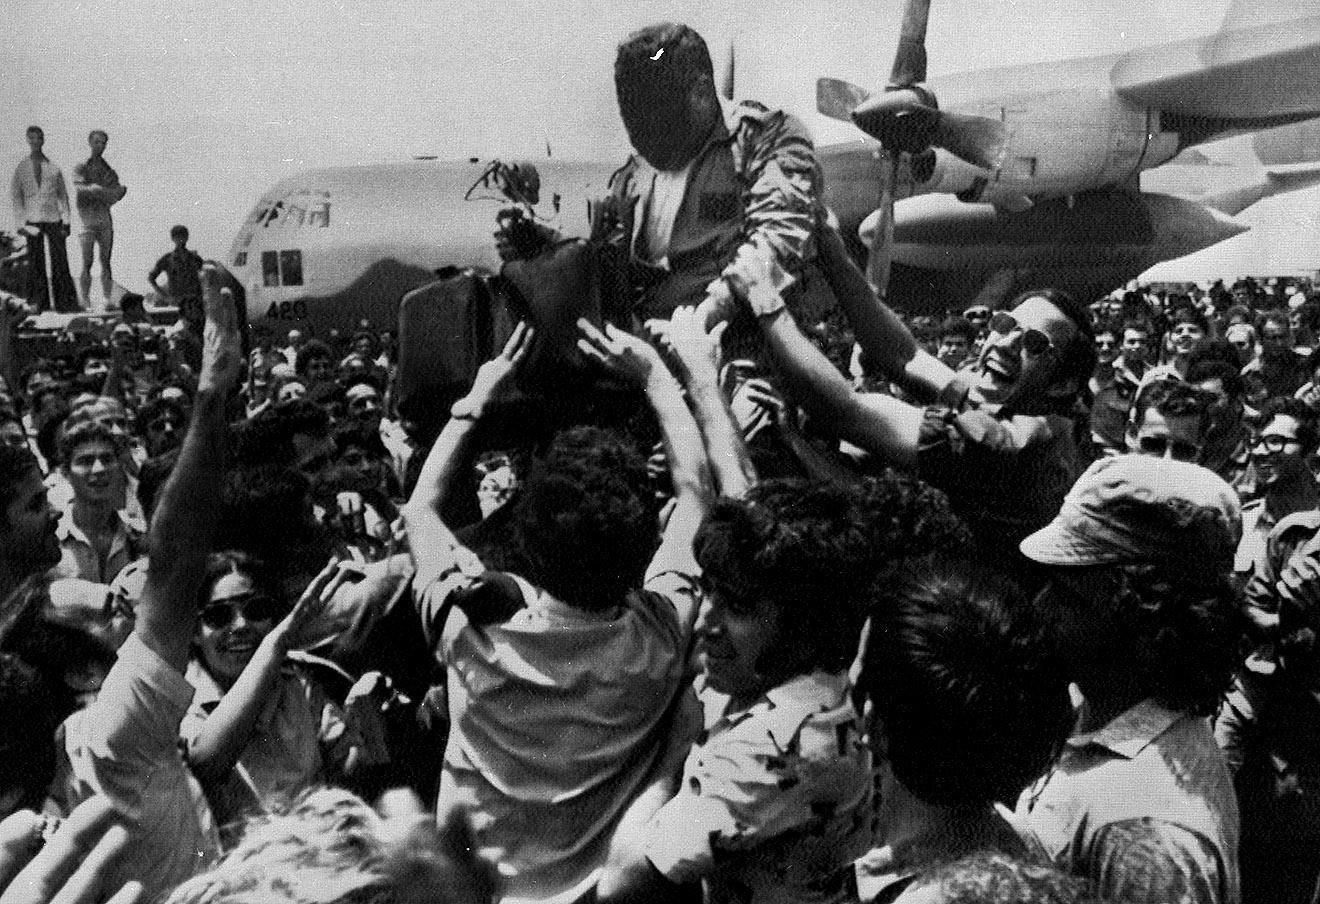 Встреча члена спасательного отряда в аэропорту Тель-Авива, 1976 год.